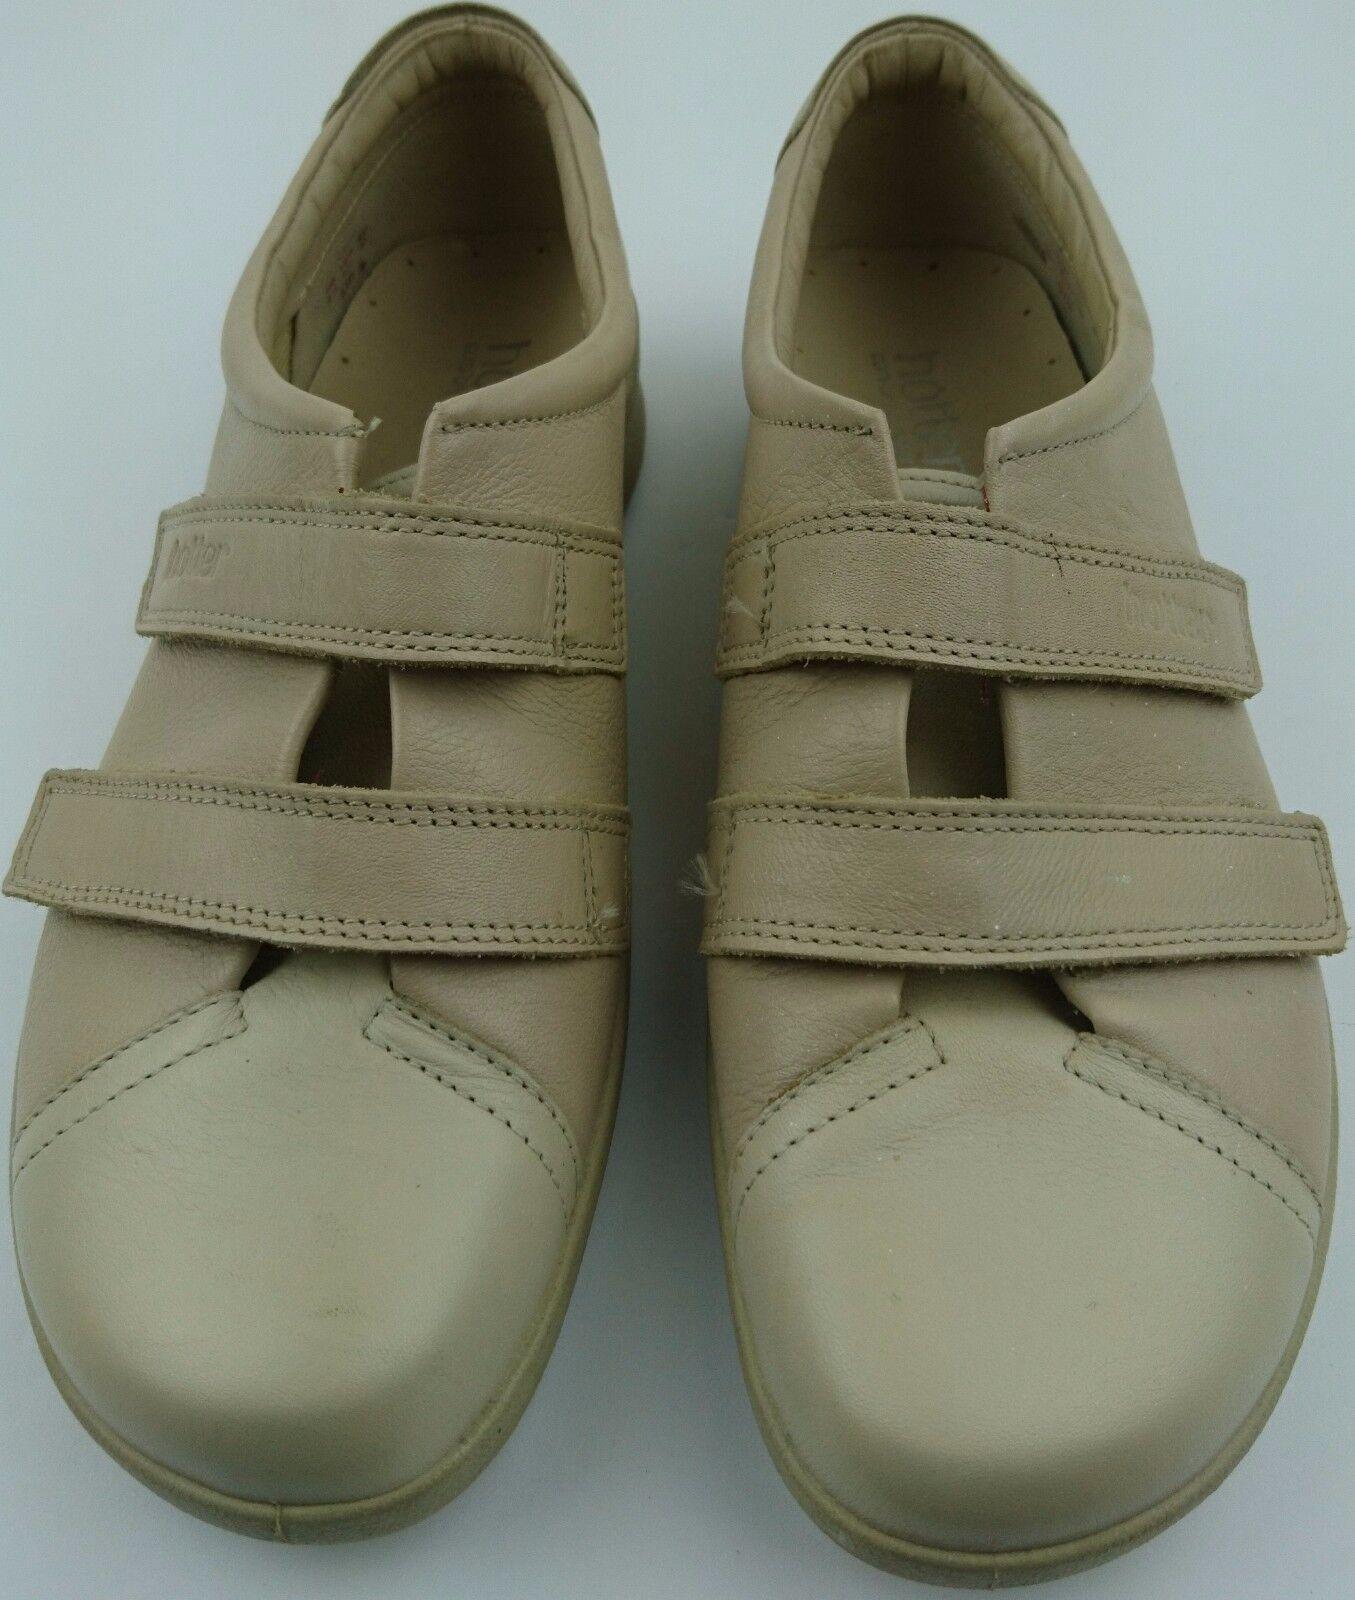 Hotter Comfort Concept LEAP Women US 8.5 Tan Leather shoes Size EU 40 UK 6.5